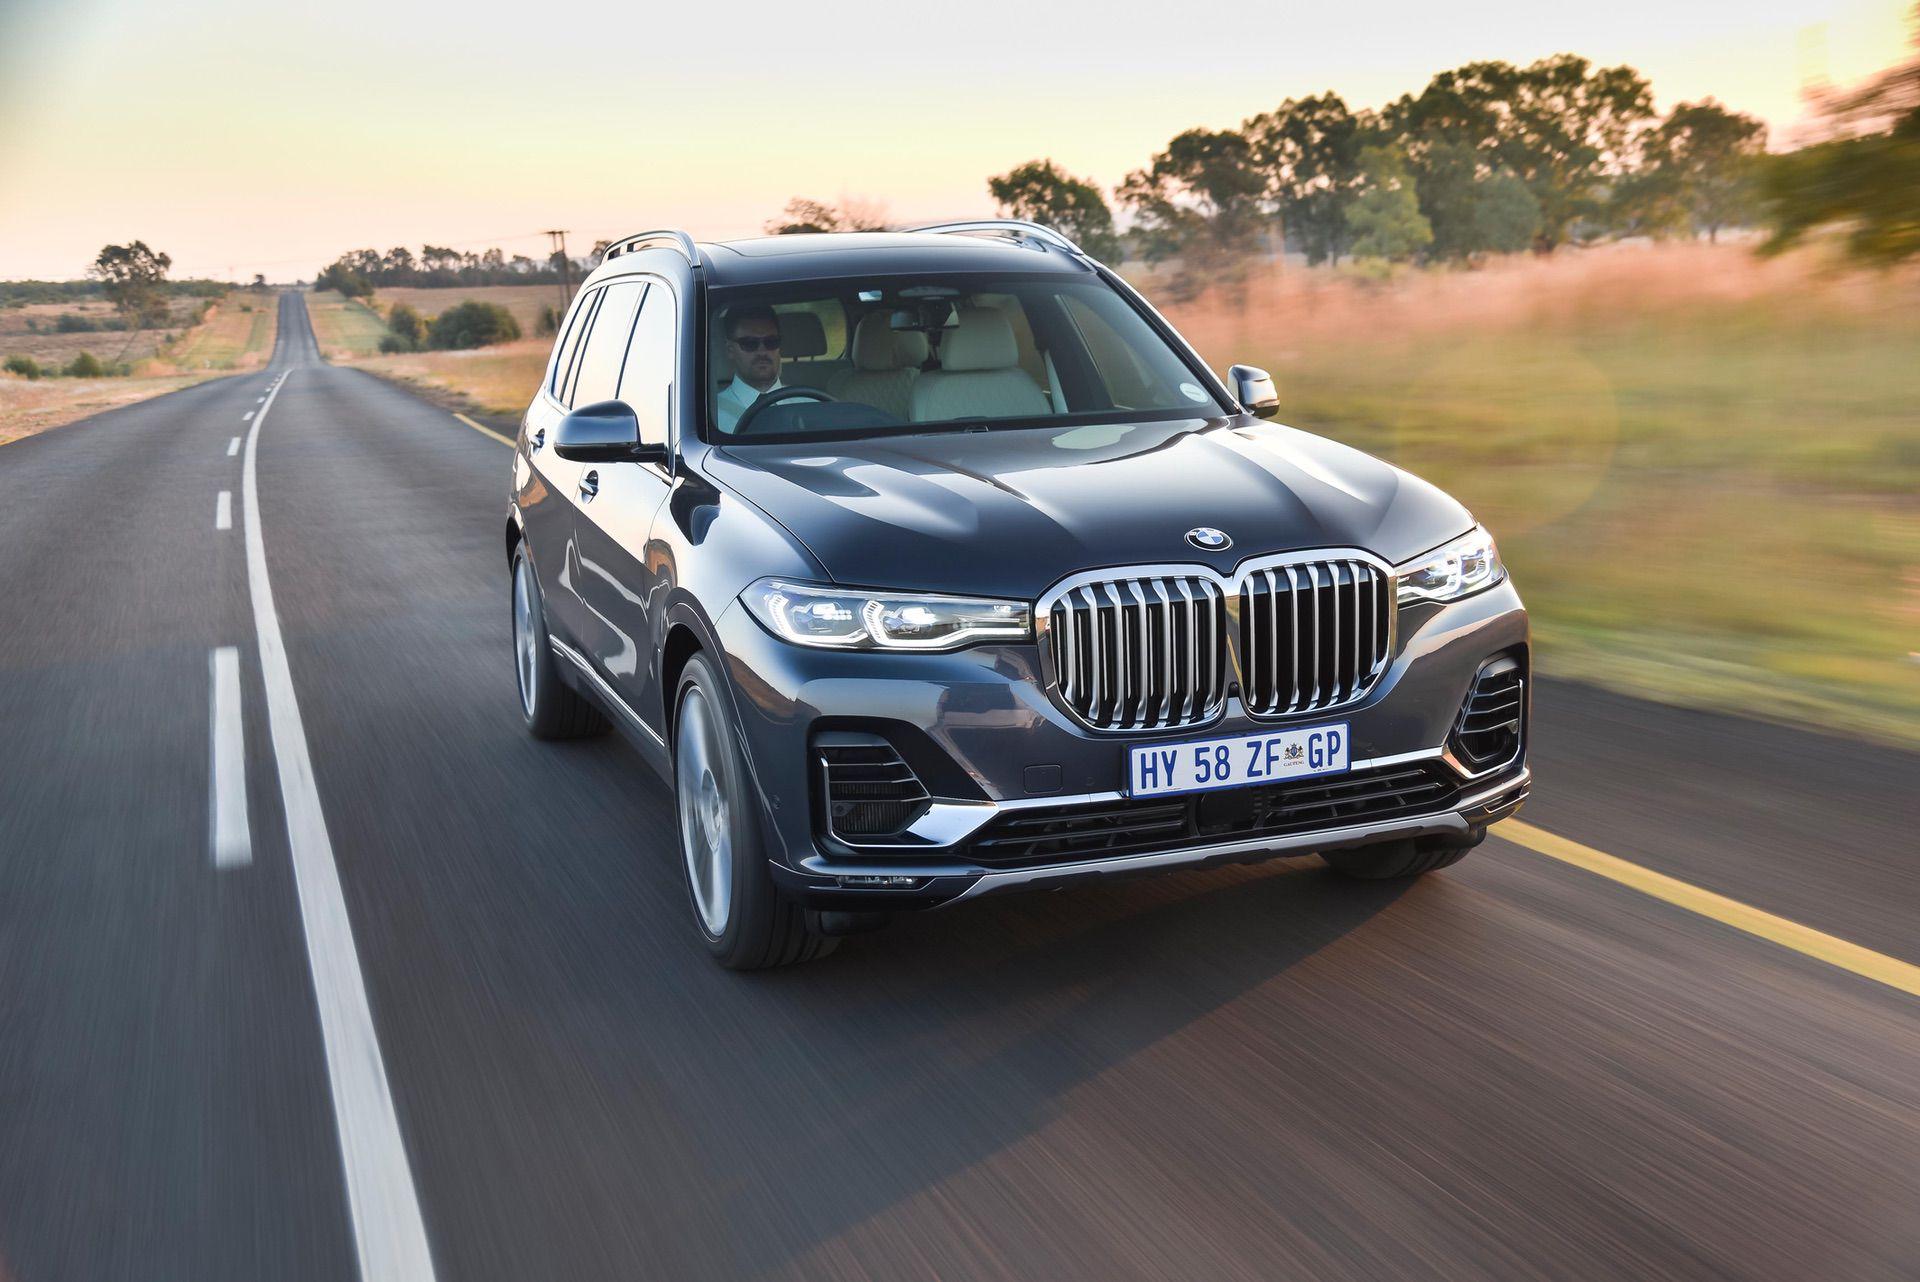 BMW X7 South Africa 65